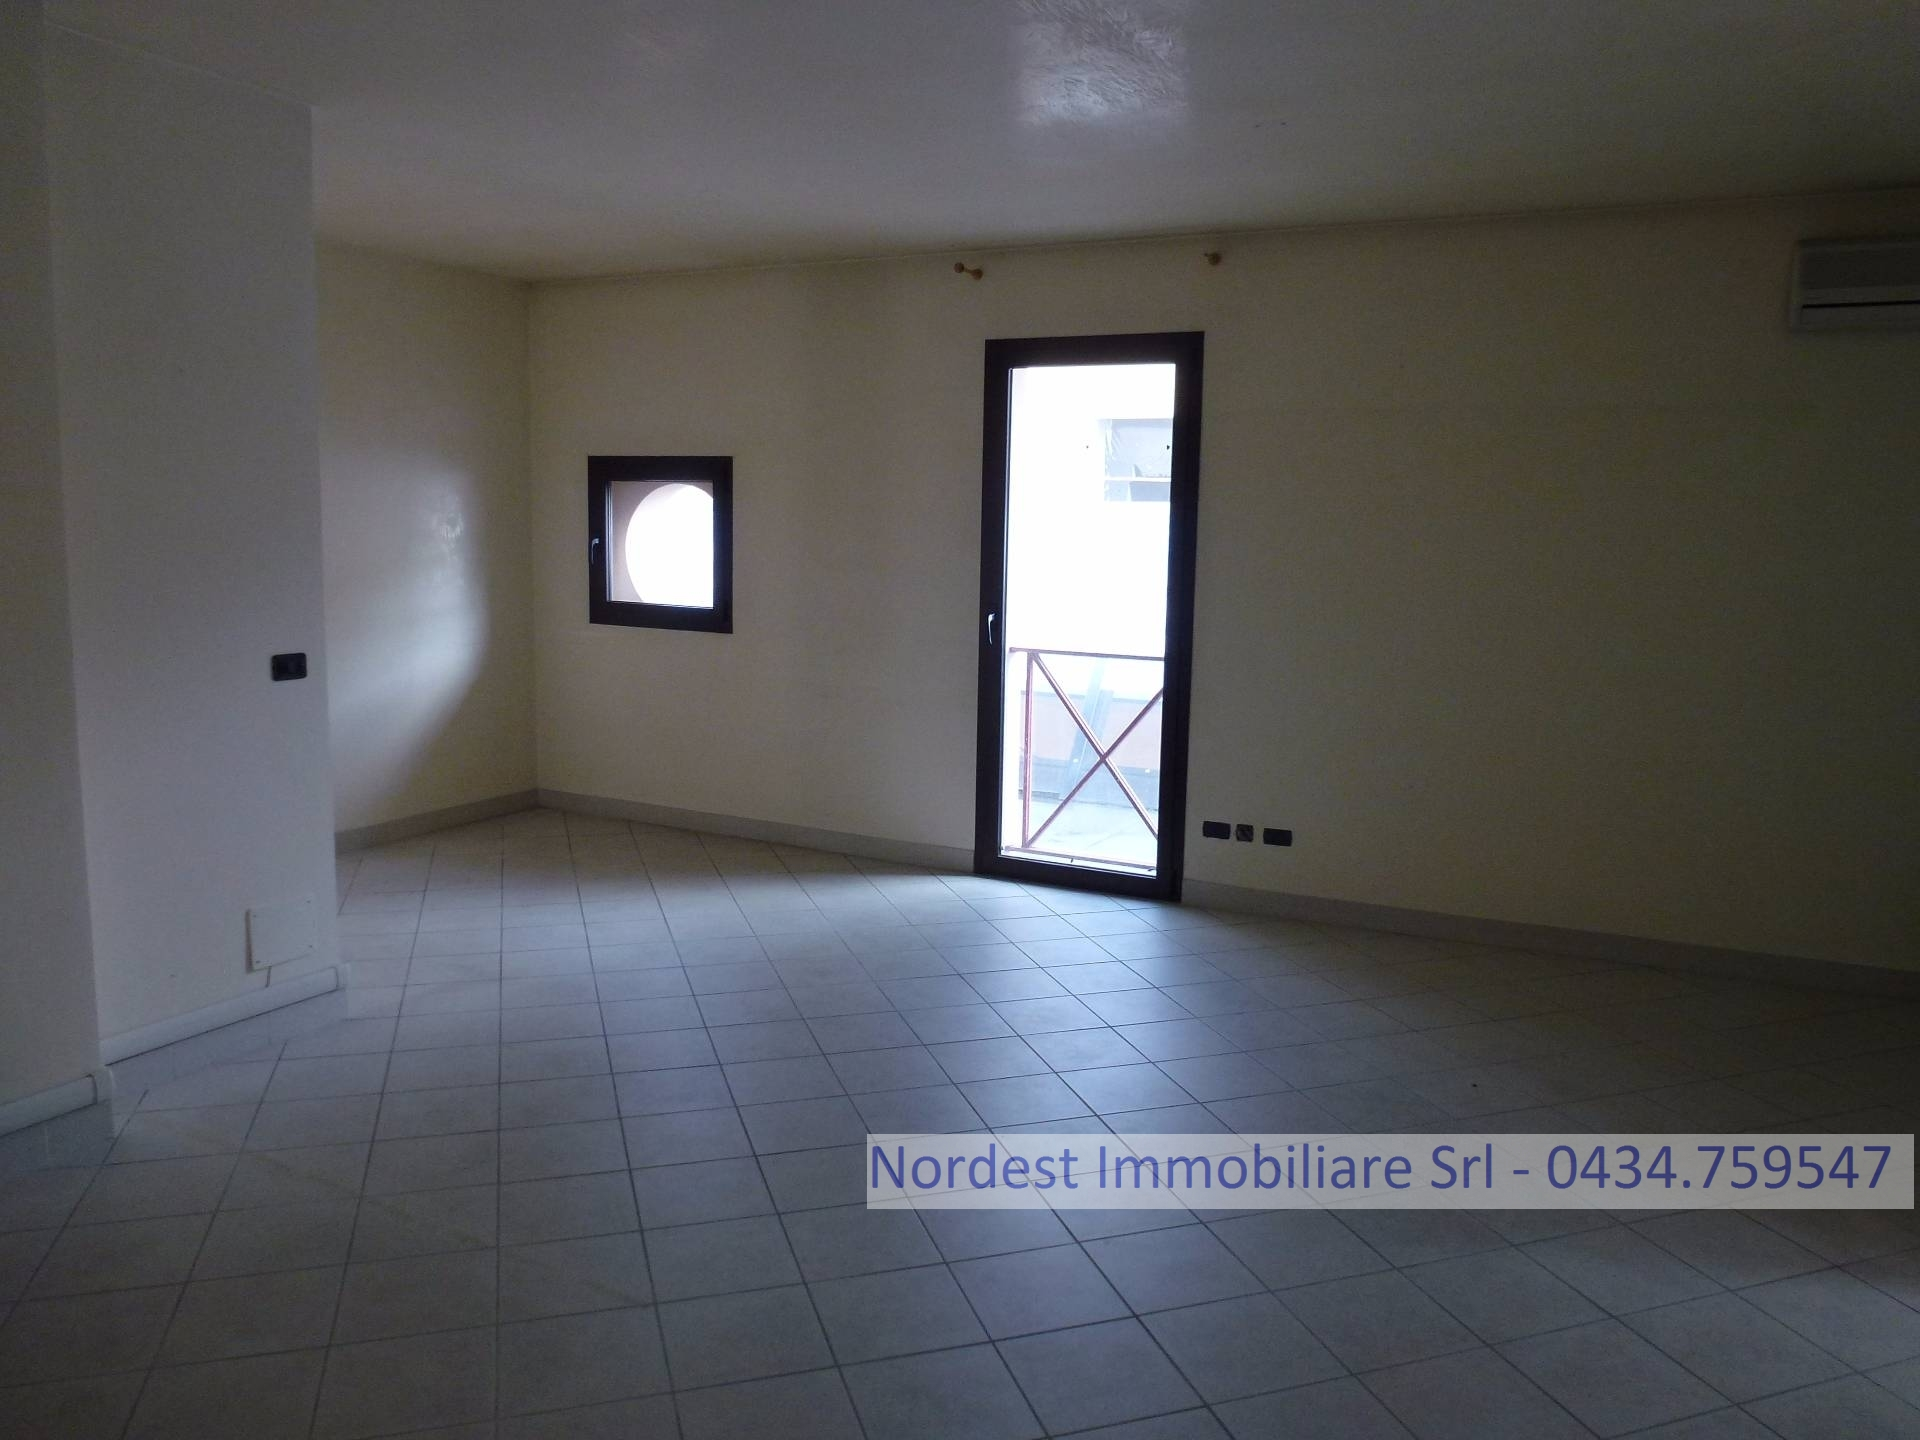 Ufficio / Studio in affitto a Gaiarine, 9999 locali, prezzo € 90.000 | PortaleAgenzieImmobiliari.it